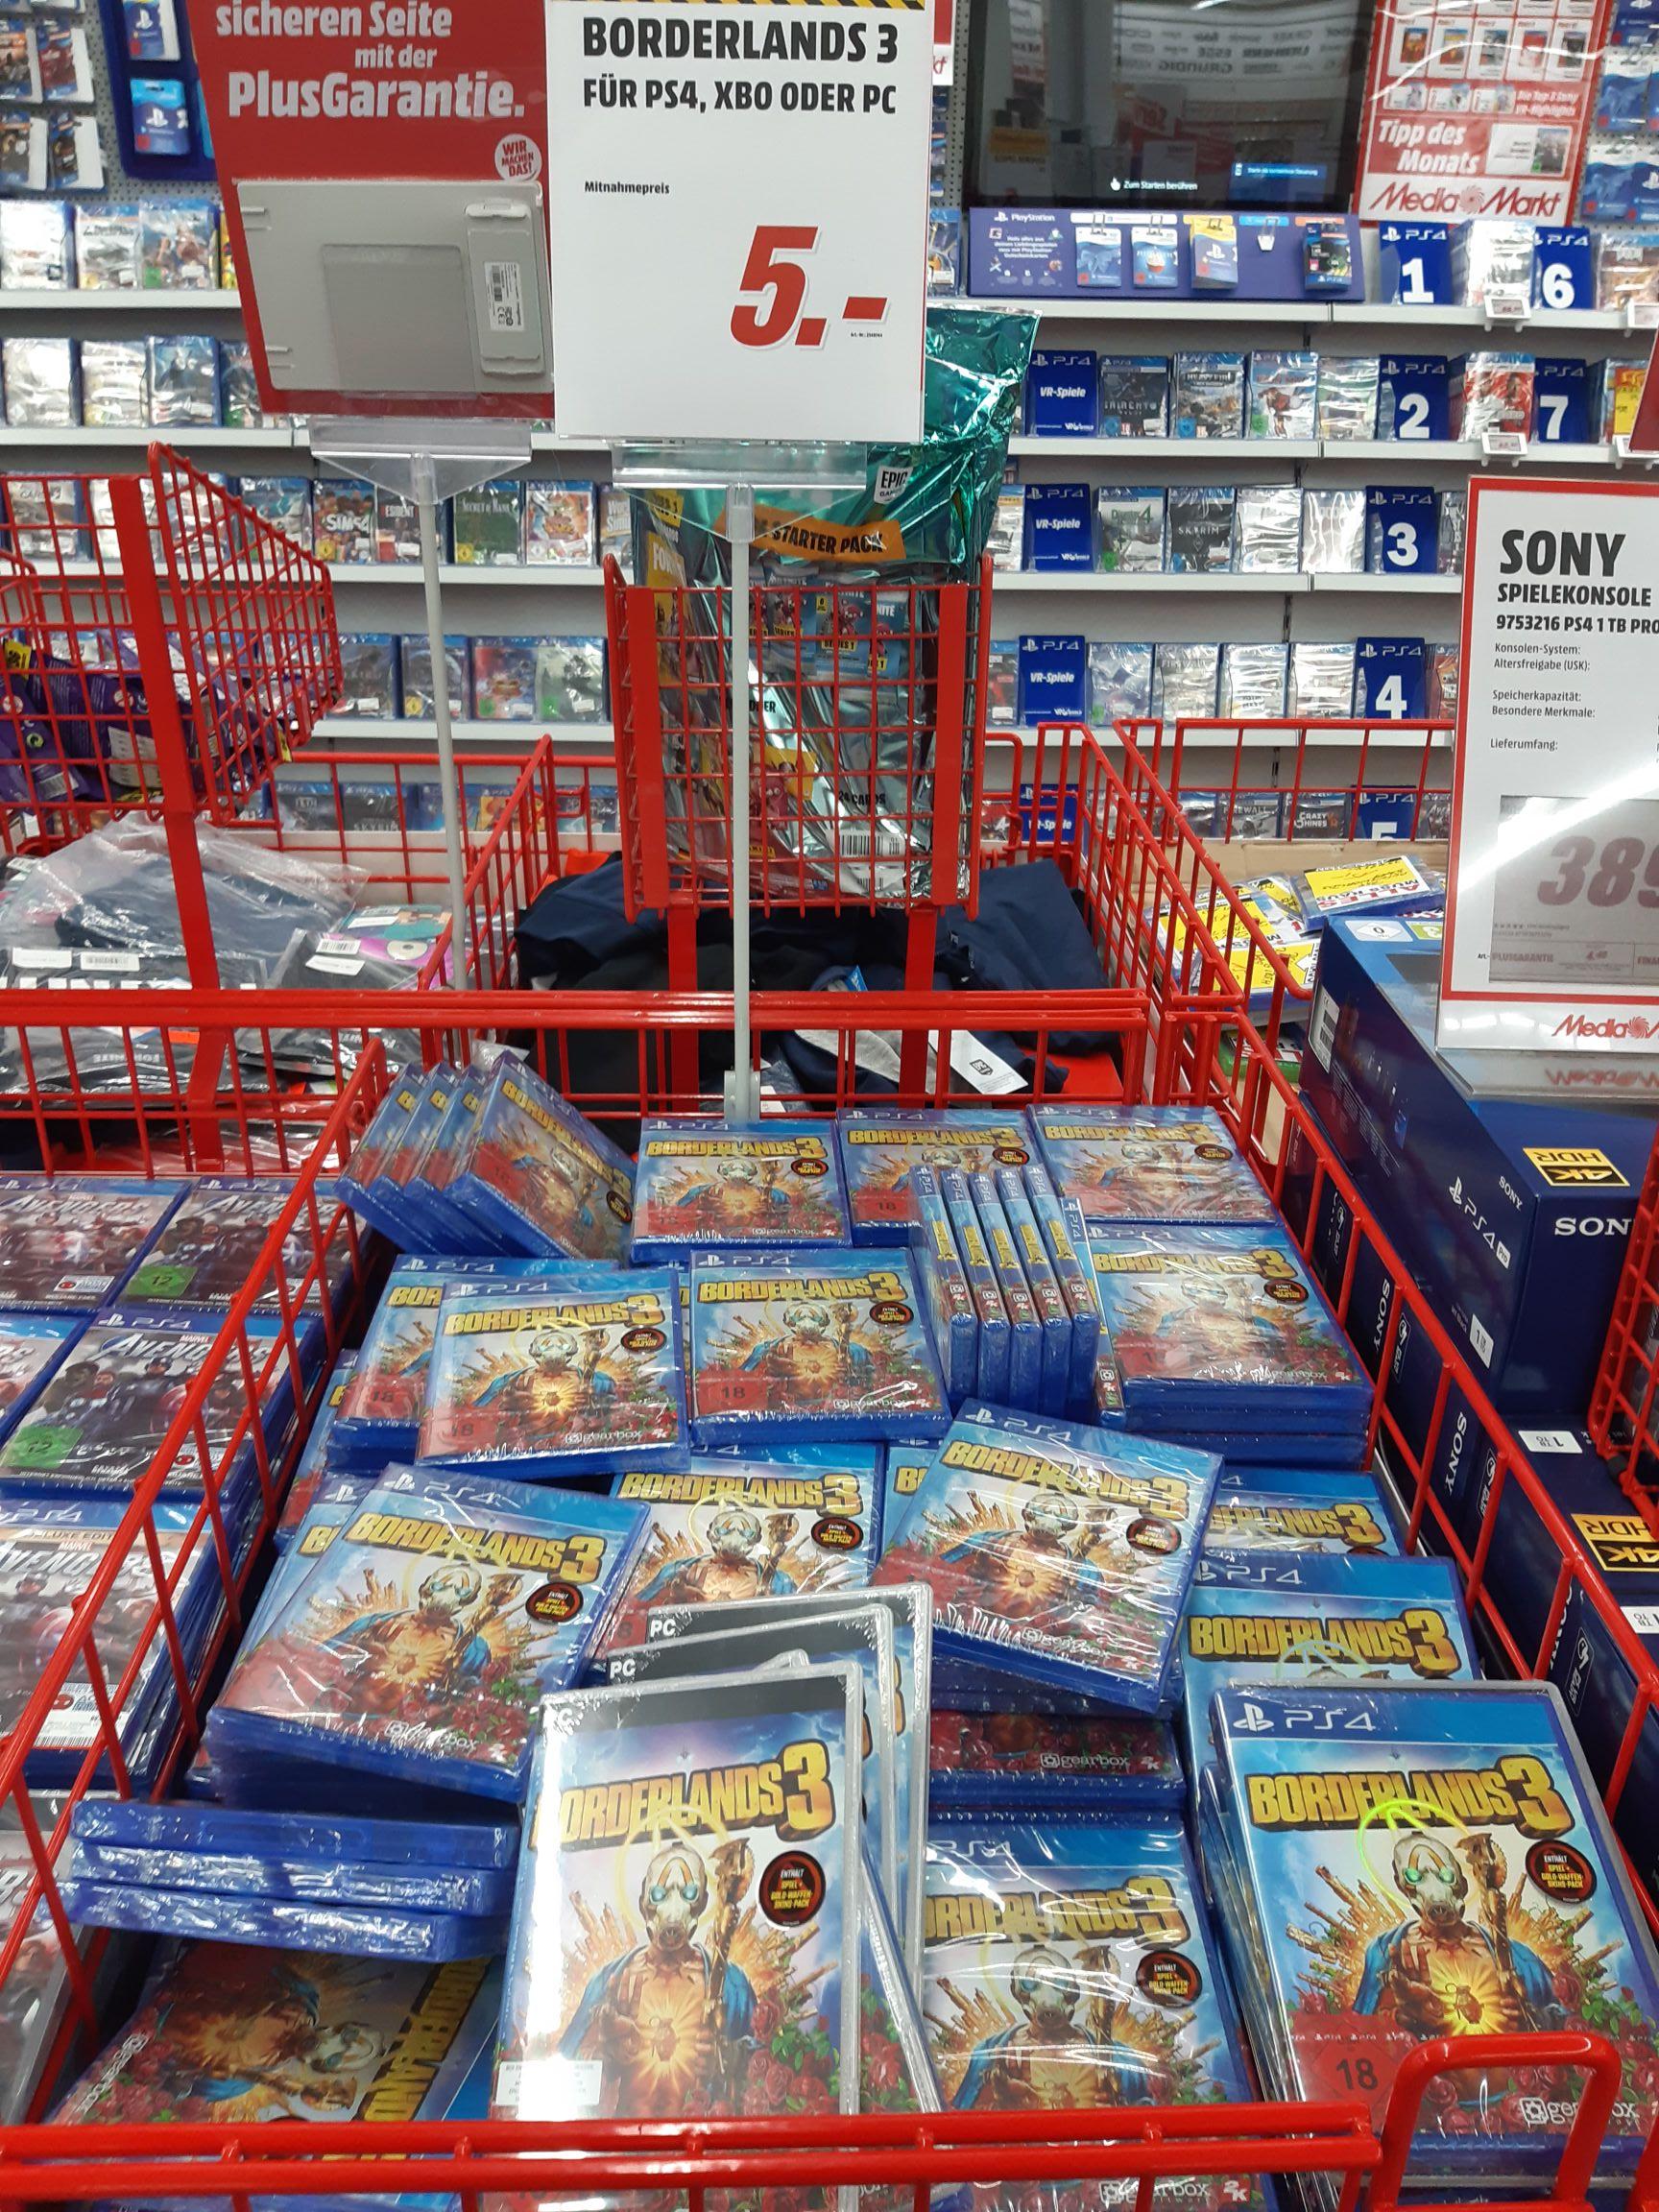 [Lokal Spaden] Mediamarkt Borderlands 3(PS4/XB1/PC)